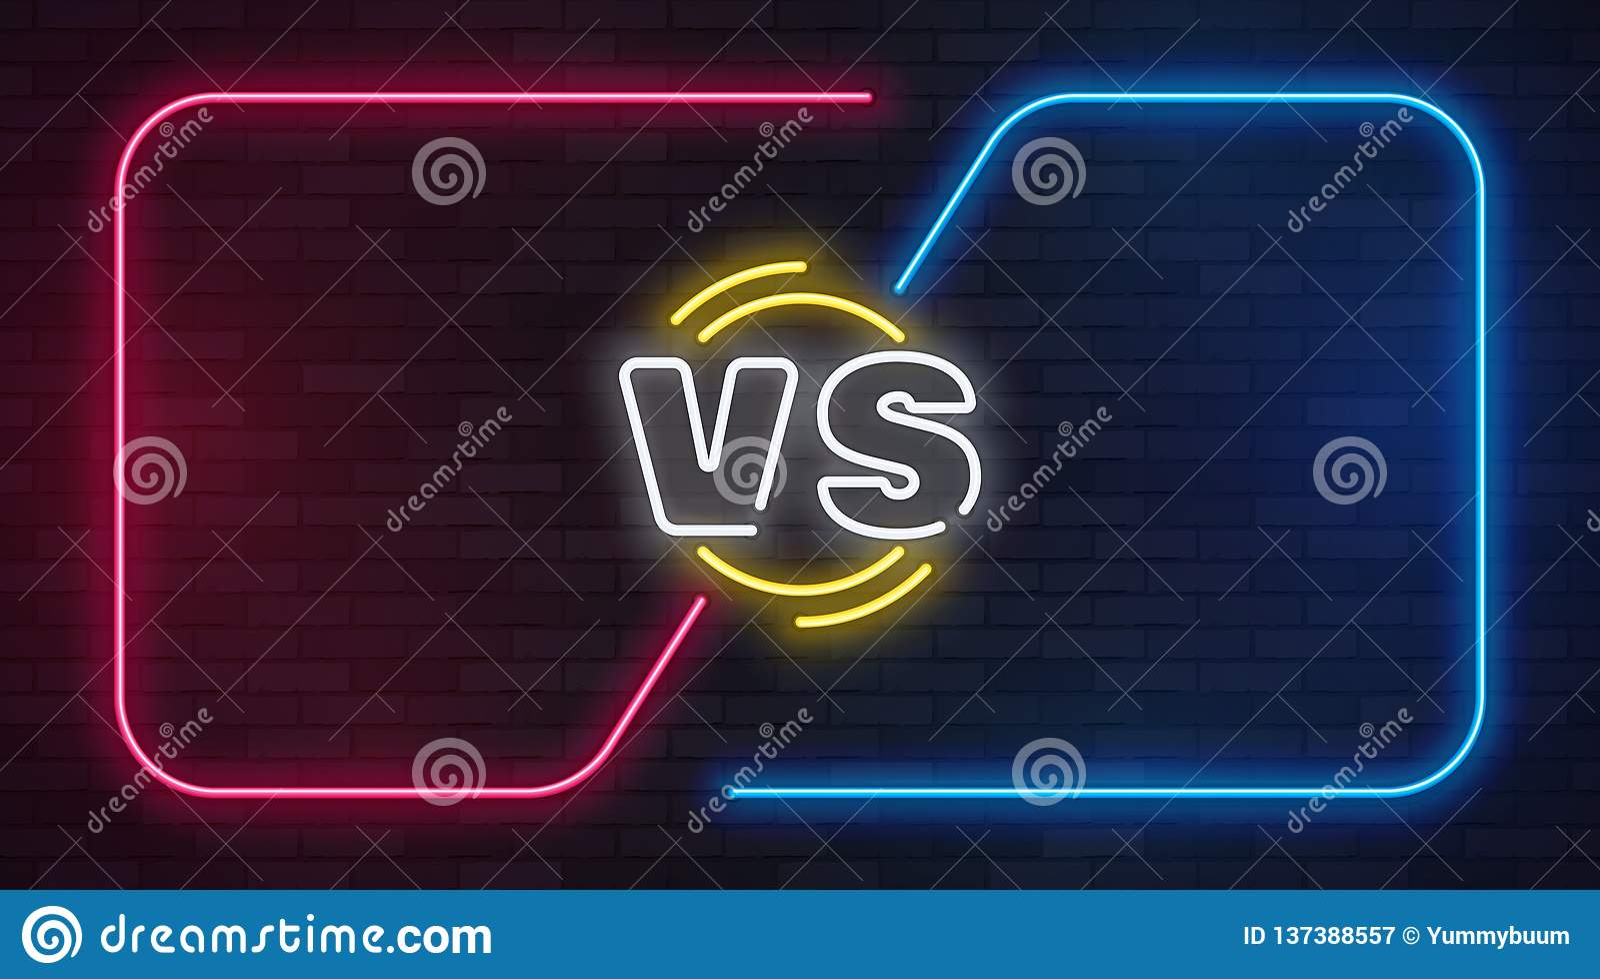 Gegen Neon Gegen Kampfspielfahne mit leeren Neonrahmen Boxveranstaltungsduell, machen Wettbewerbsgeschäftskonfrontation zu Schlac